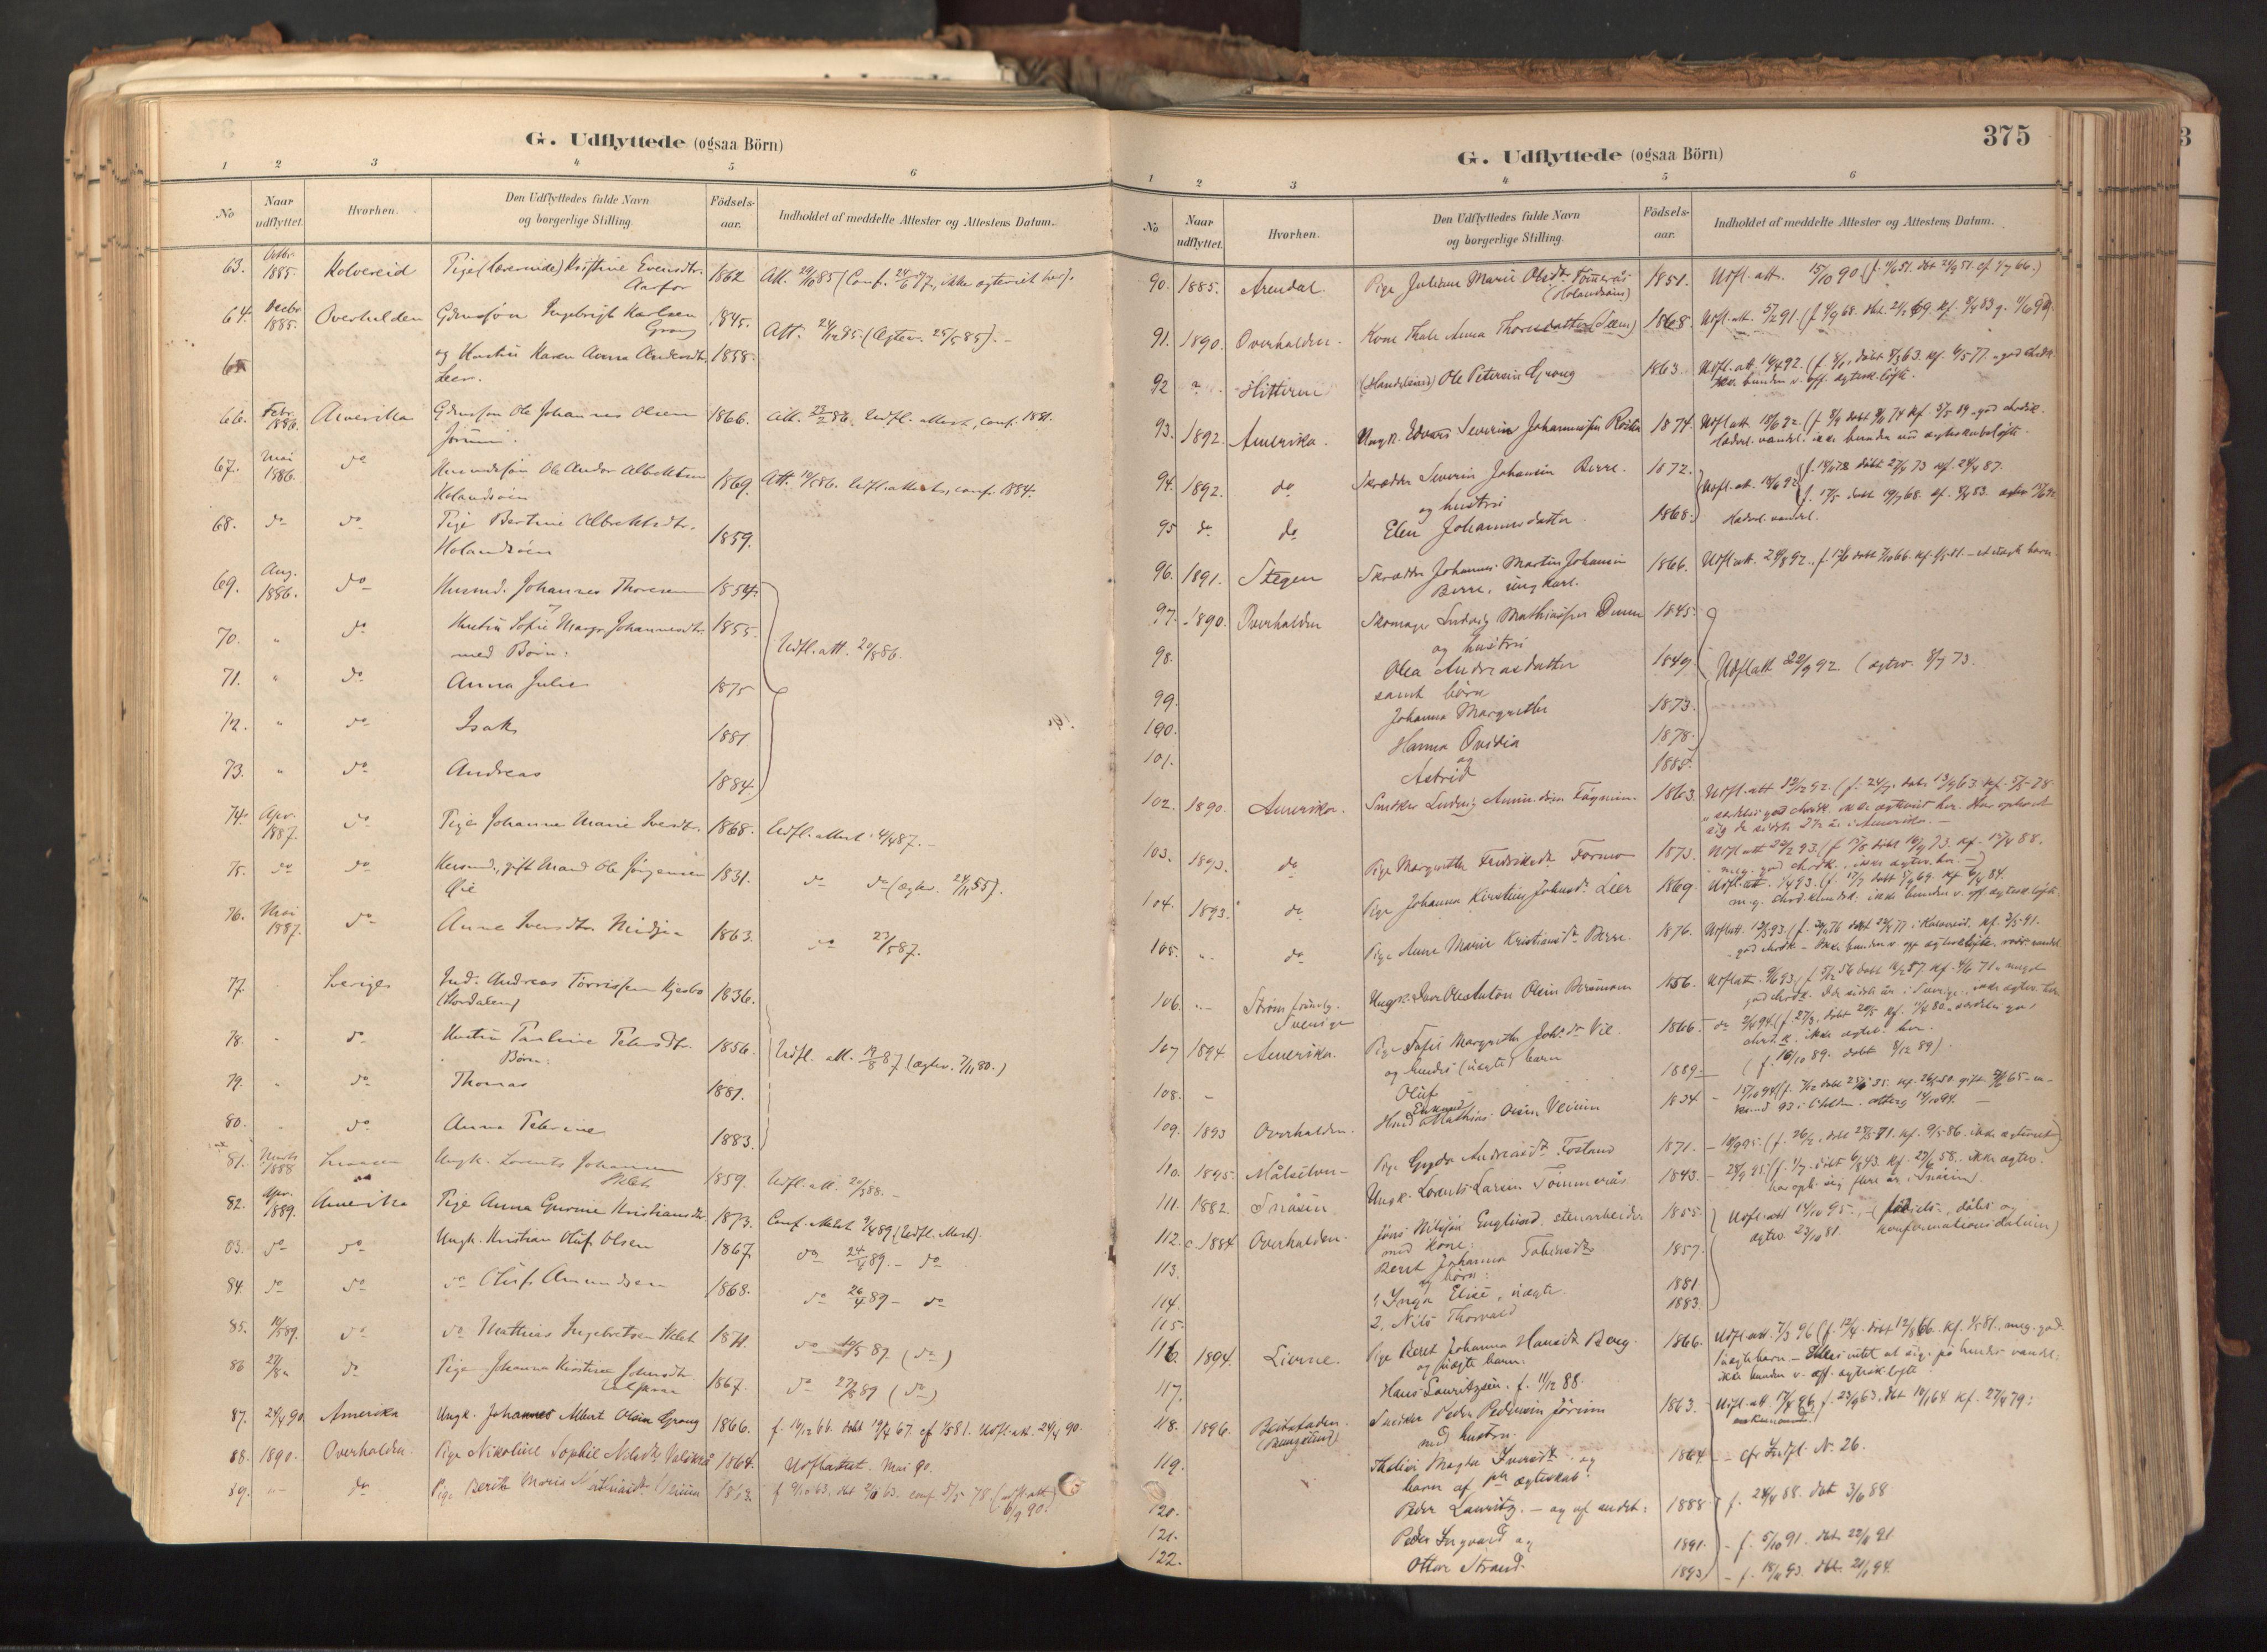 SAT, Ministerialprotokoller, klokkerbøker og fødselsregistre - Nord-Trøndelag, 758/L0519: Ministerialbok nr. 758A04, 1880-1926, s. 375